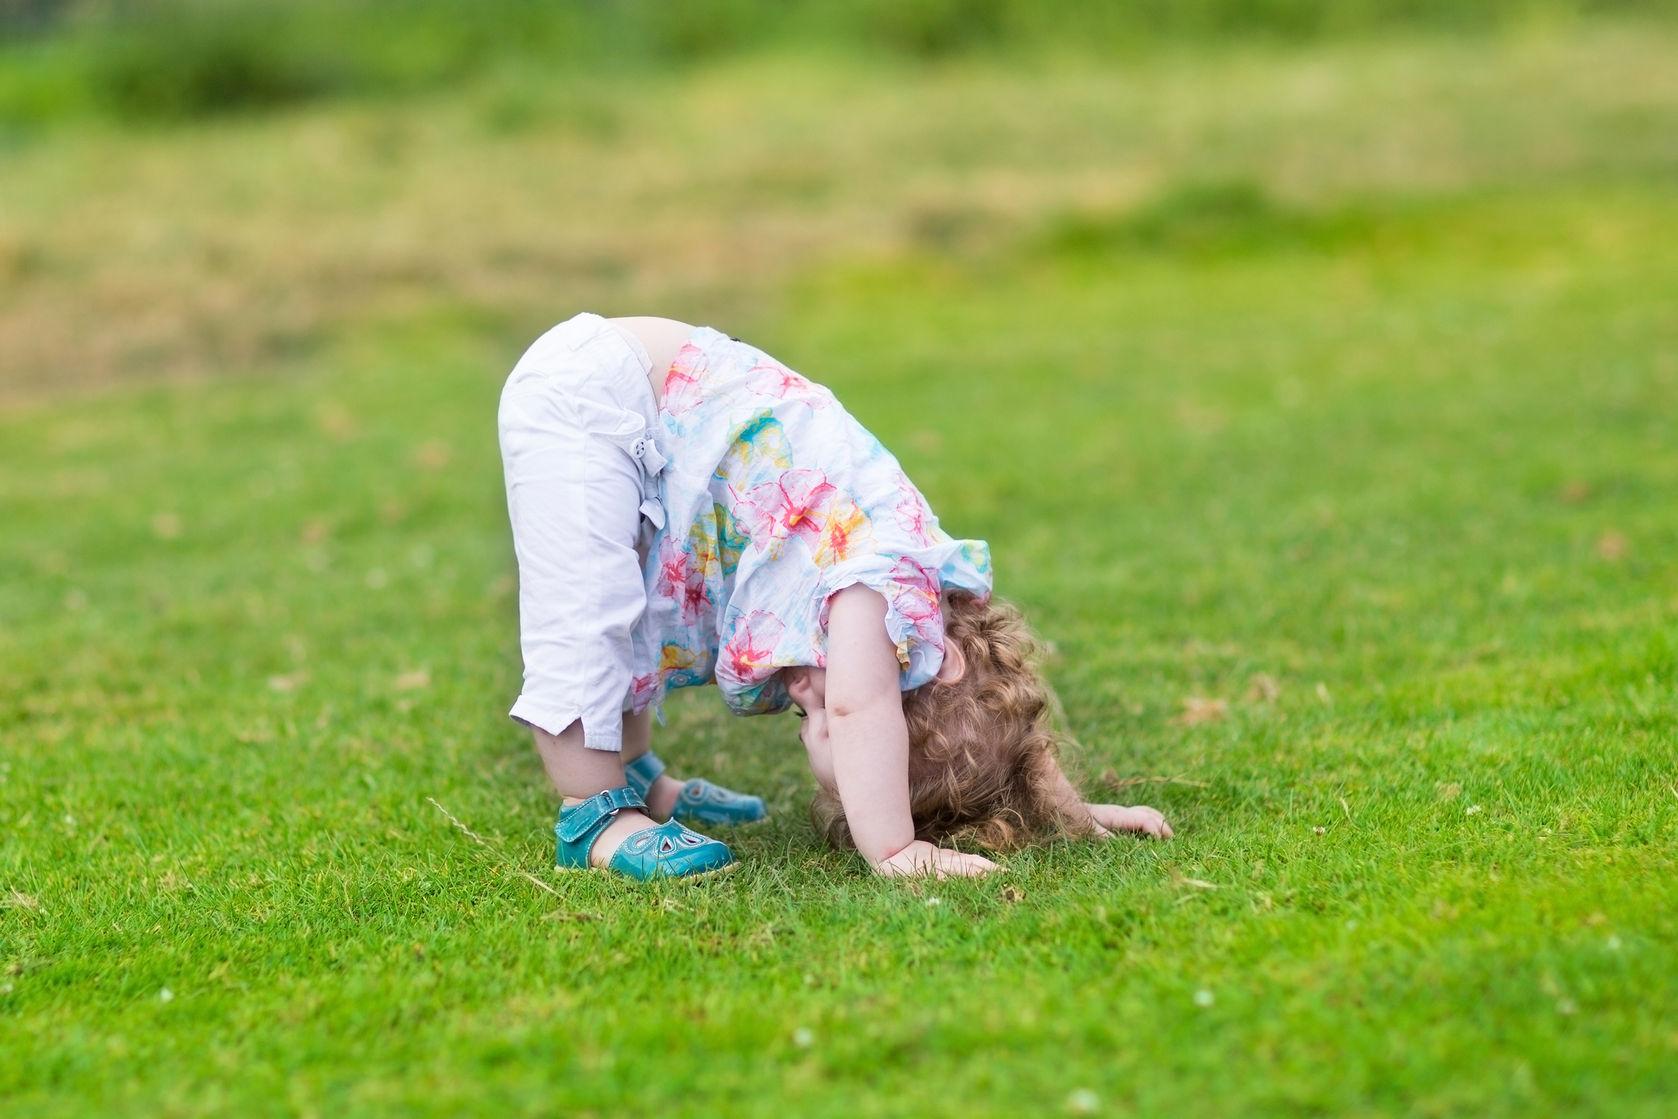 downward_dog_yoga_pose_todddler.jpg